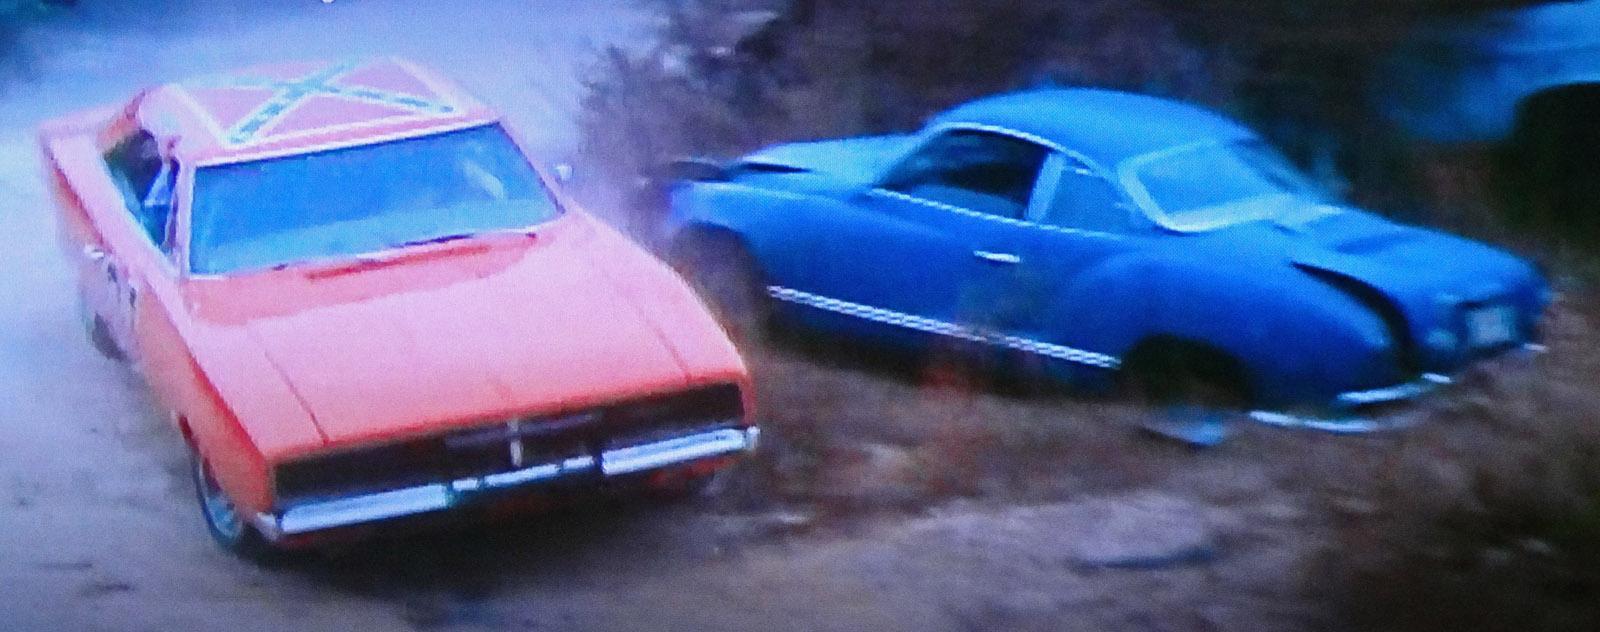 Karmann Ghia in 'Dukes of Hazzard'